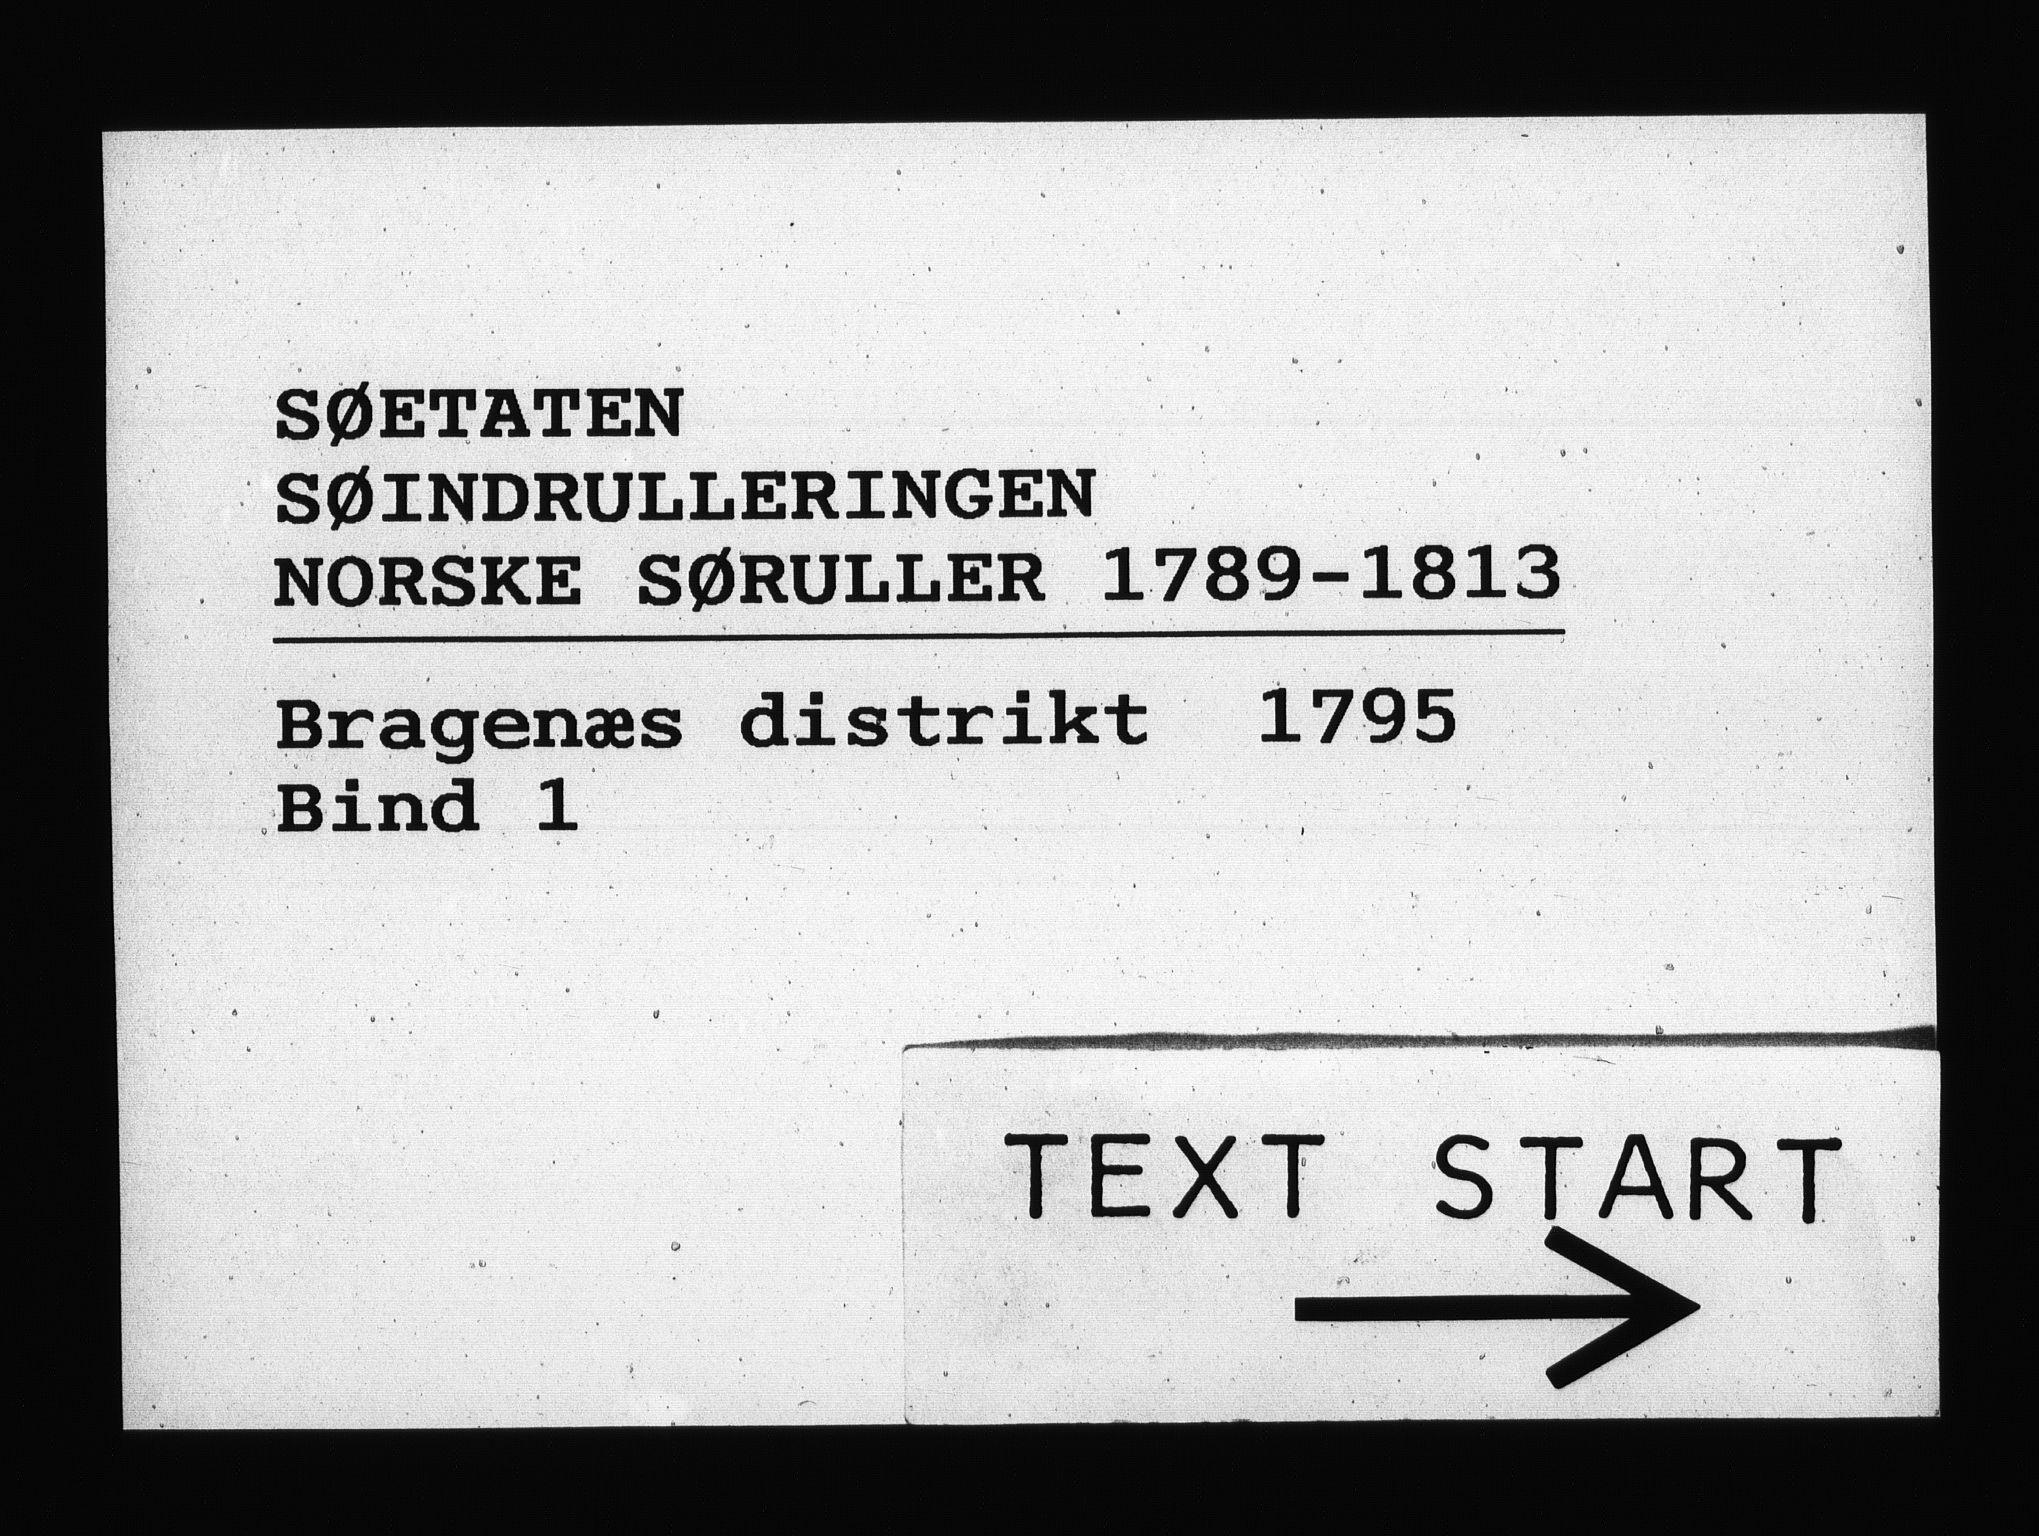 RA, Sjøetaten, F/L0115: Bragernes distrikt, bind 1, 1795